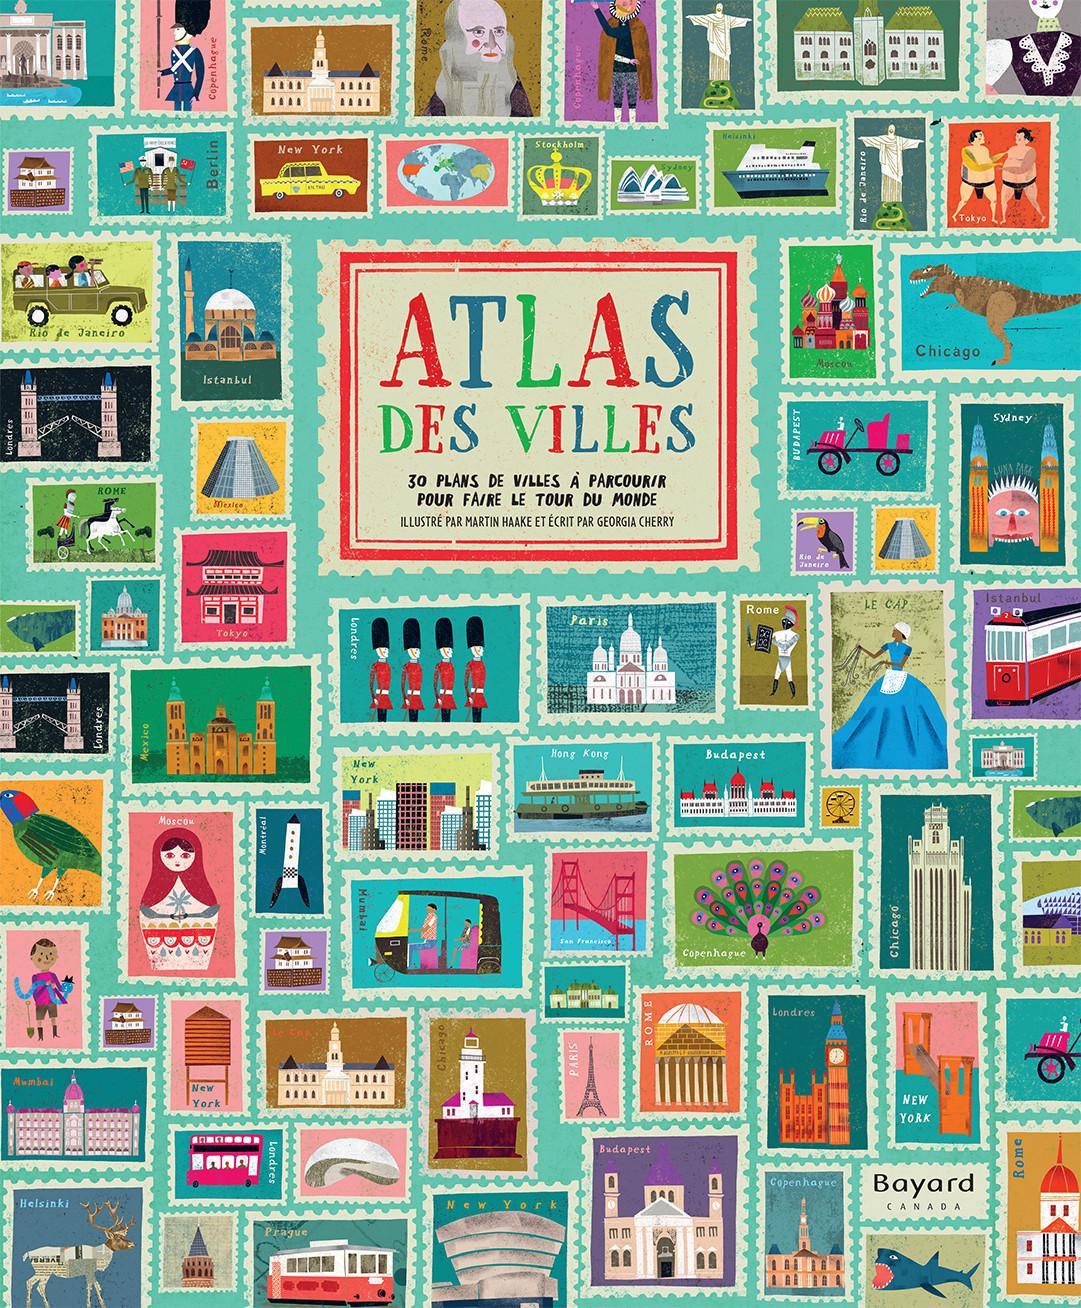 Atlas des villes : 30 plans de villes à parcourir pour faire le tour du monde